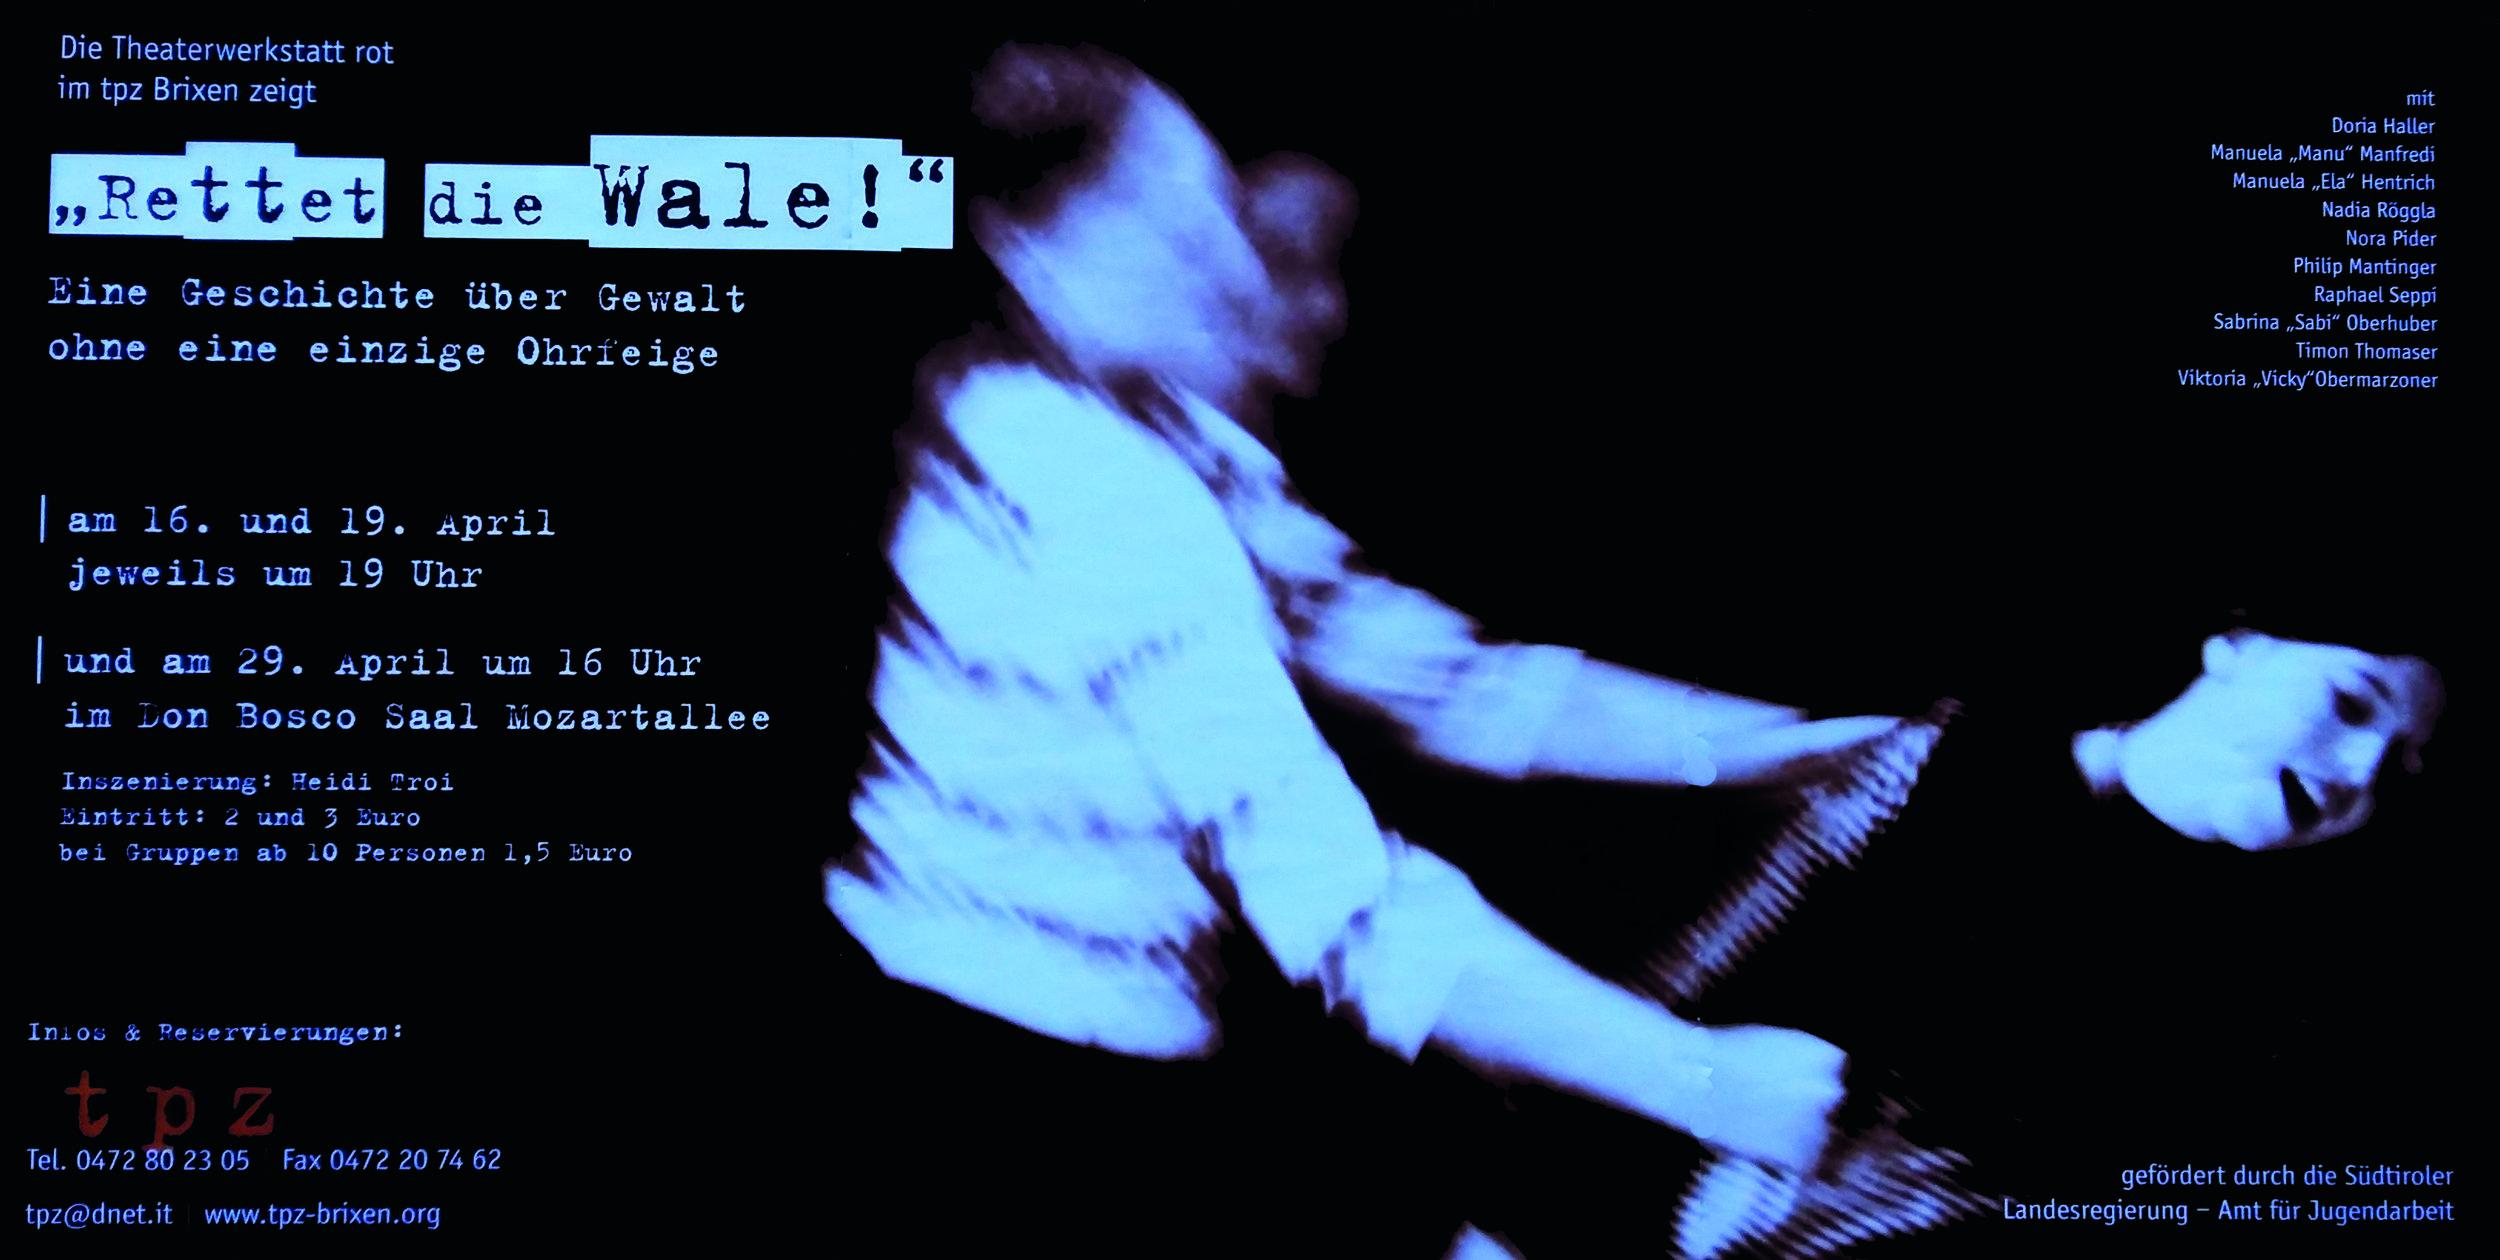 2002 rot Rettet die Wale Plakat.jpg